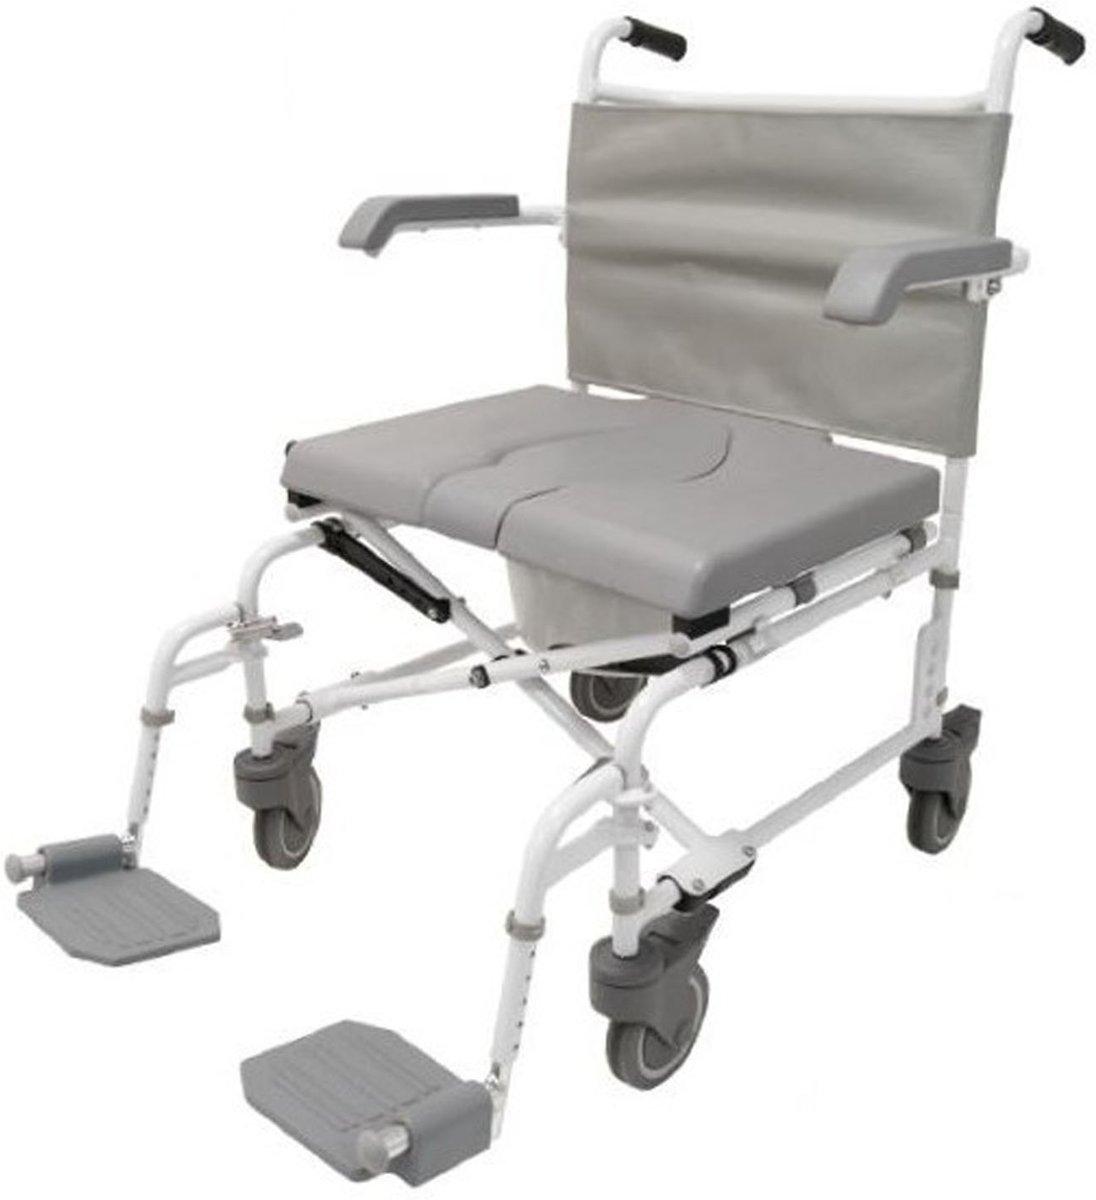 Douche - Toilet stoel XL verrijdbaar Duo Motion 5 inch wielen